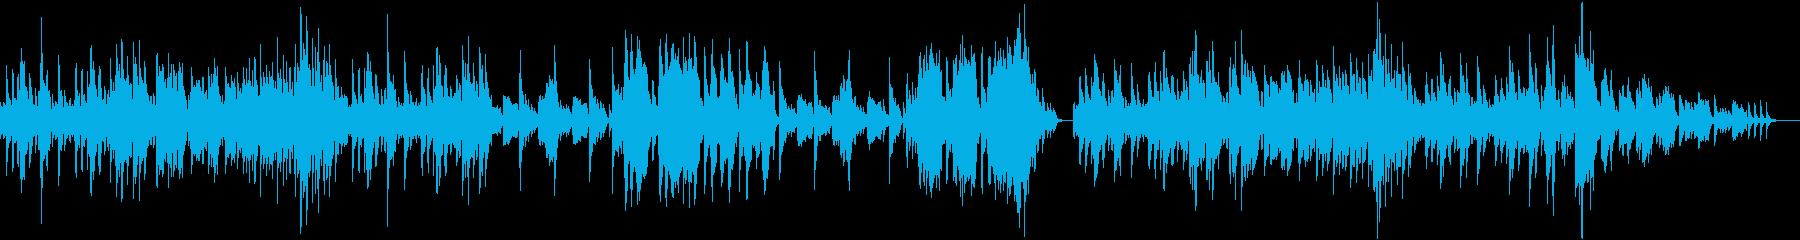 チャイコフスキー四季より1月炉端にての再生済みの波形